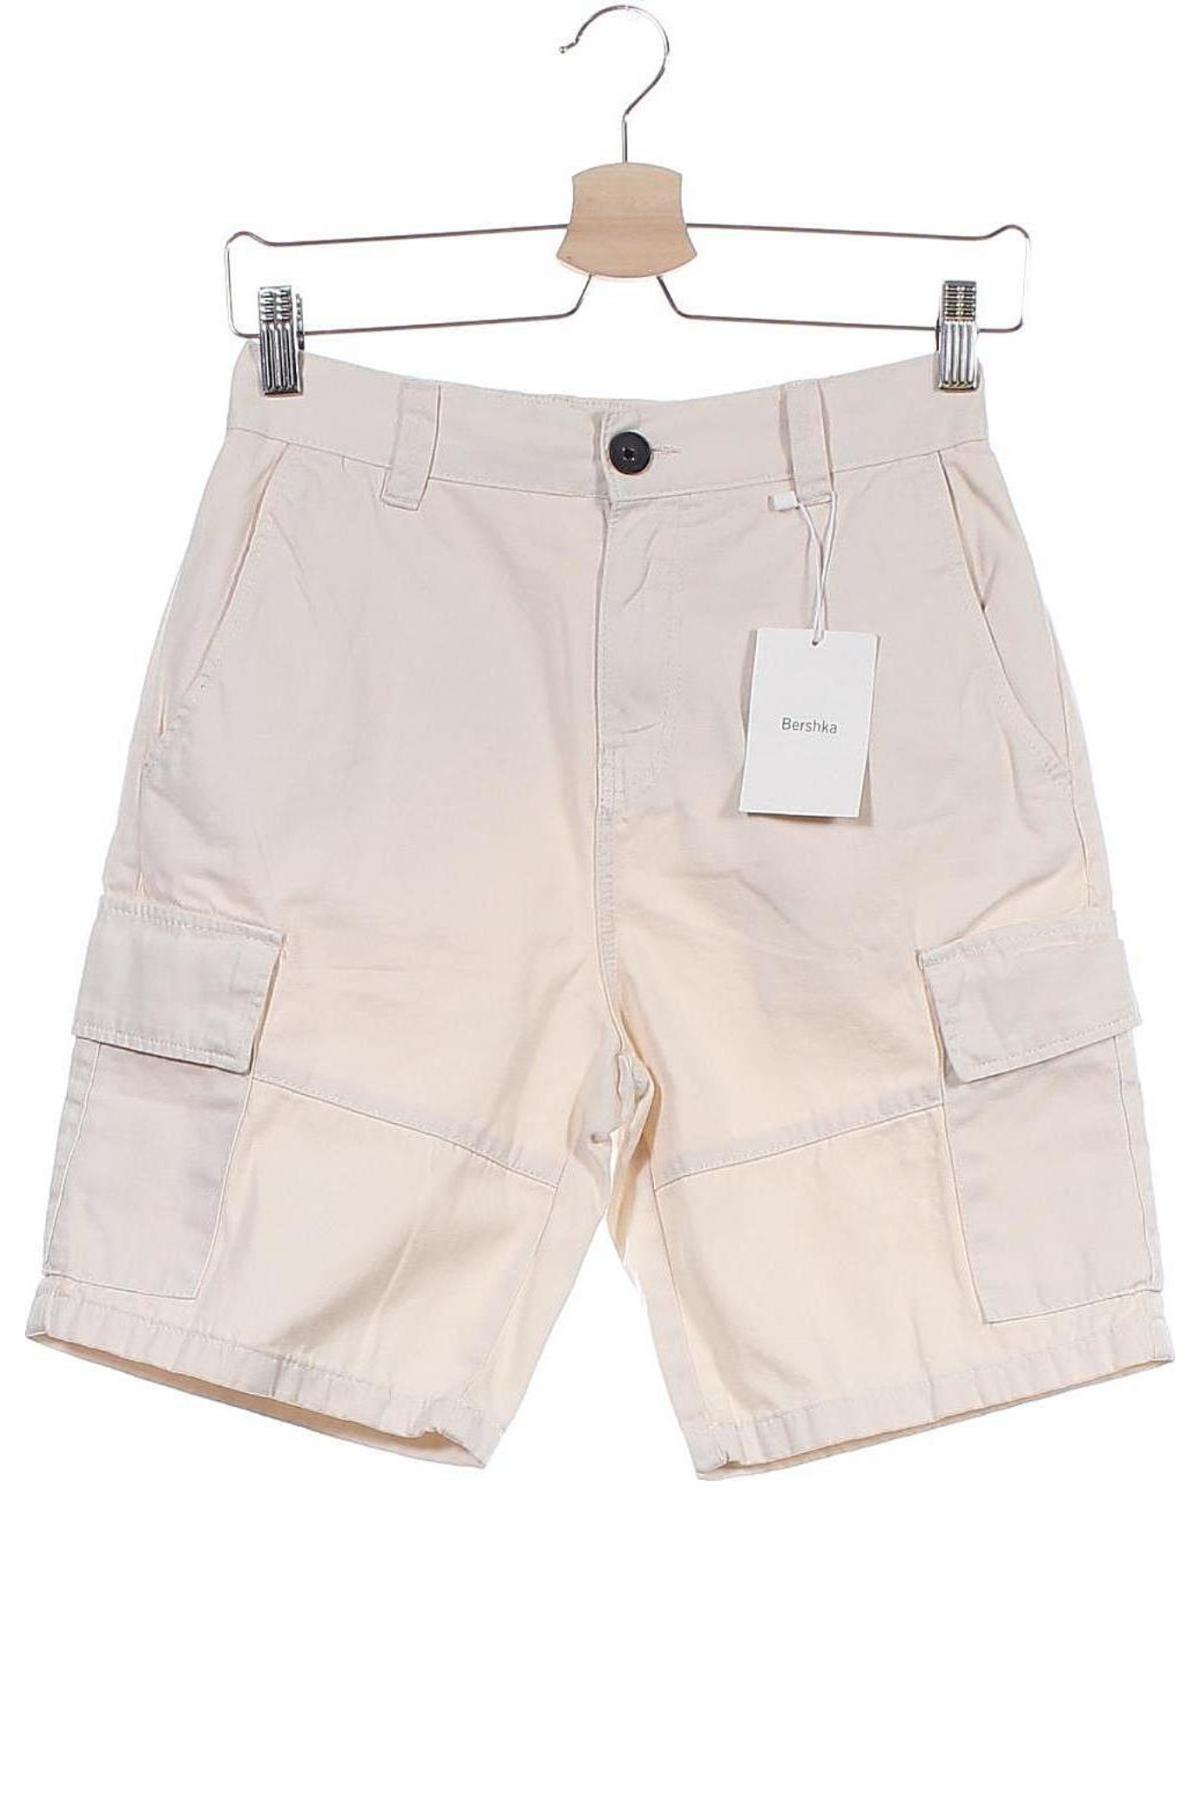 Pantaloni scurți de bărbați Bershka, Mărime XS, Culoare Bej, Bumbac, Preț 31,82 Lei